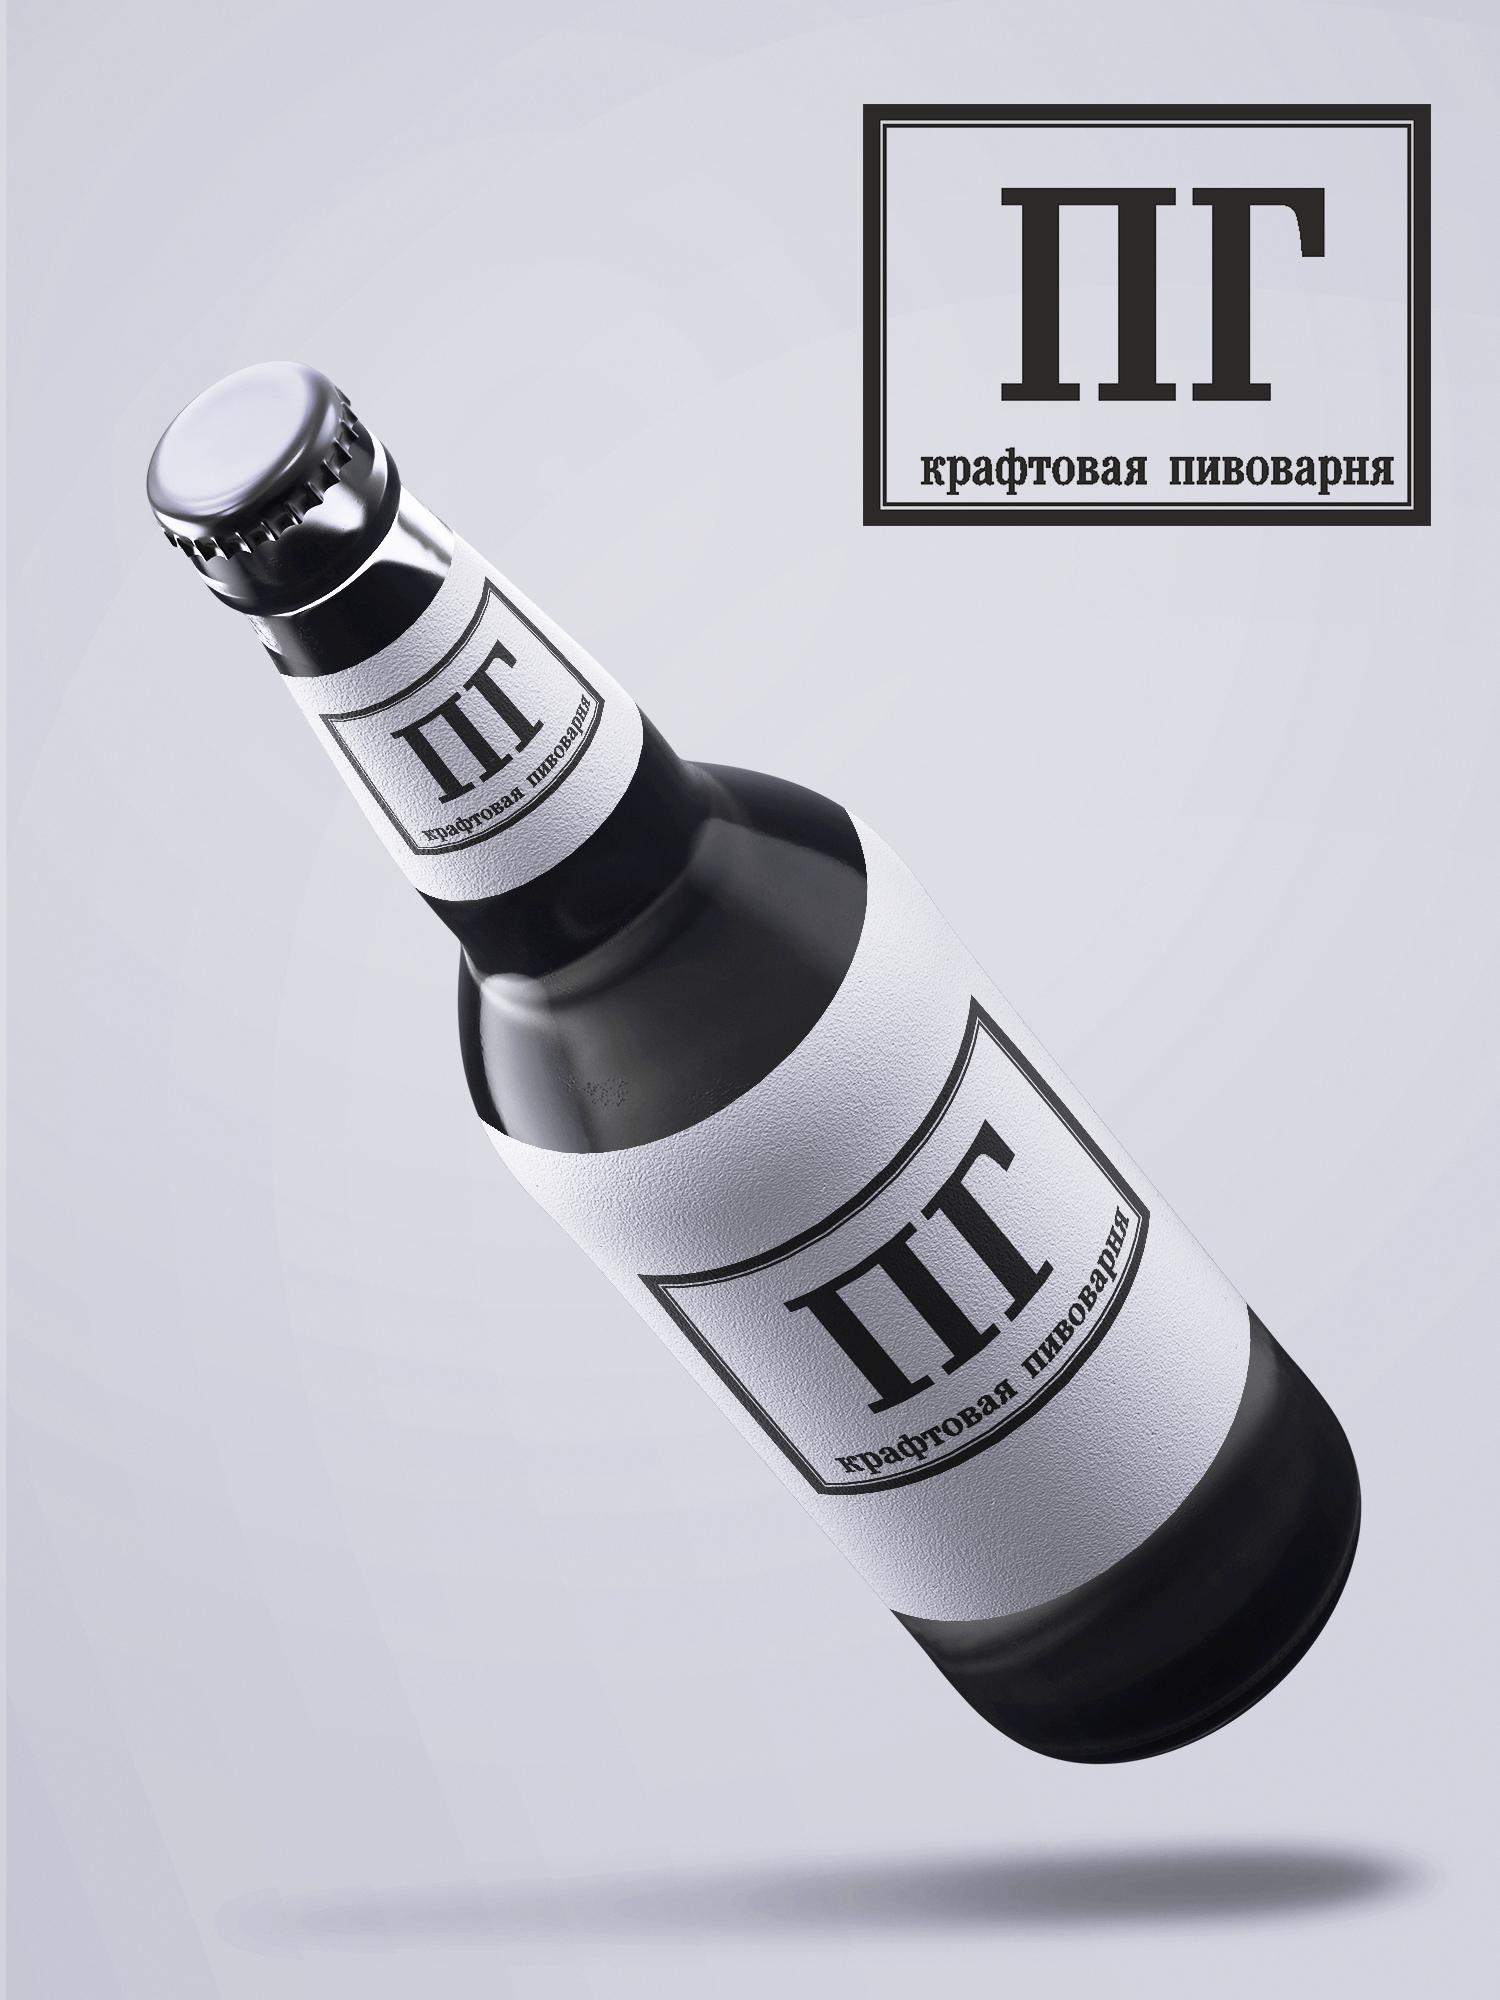 Логотип для Крафтовой Пивоварни фото f_4895cb35e69943b4.jpg